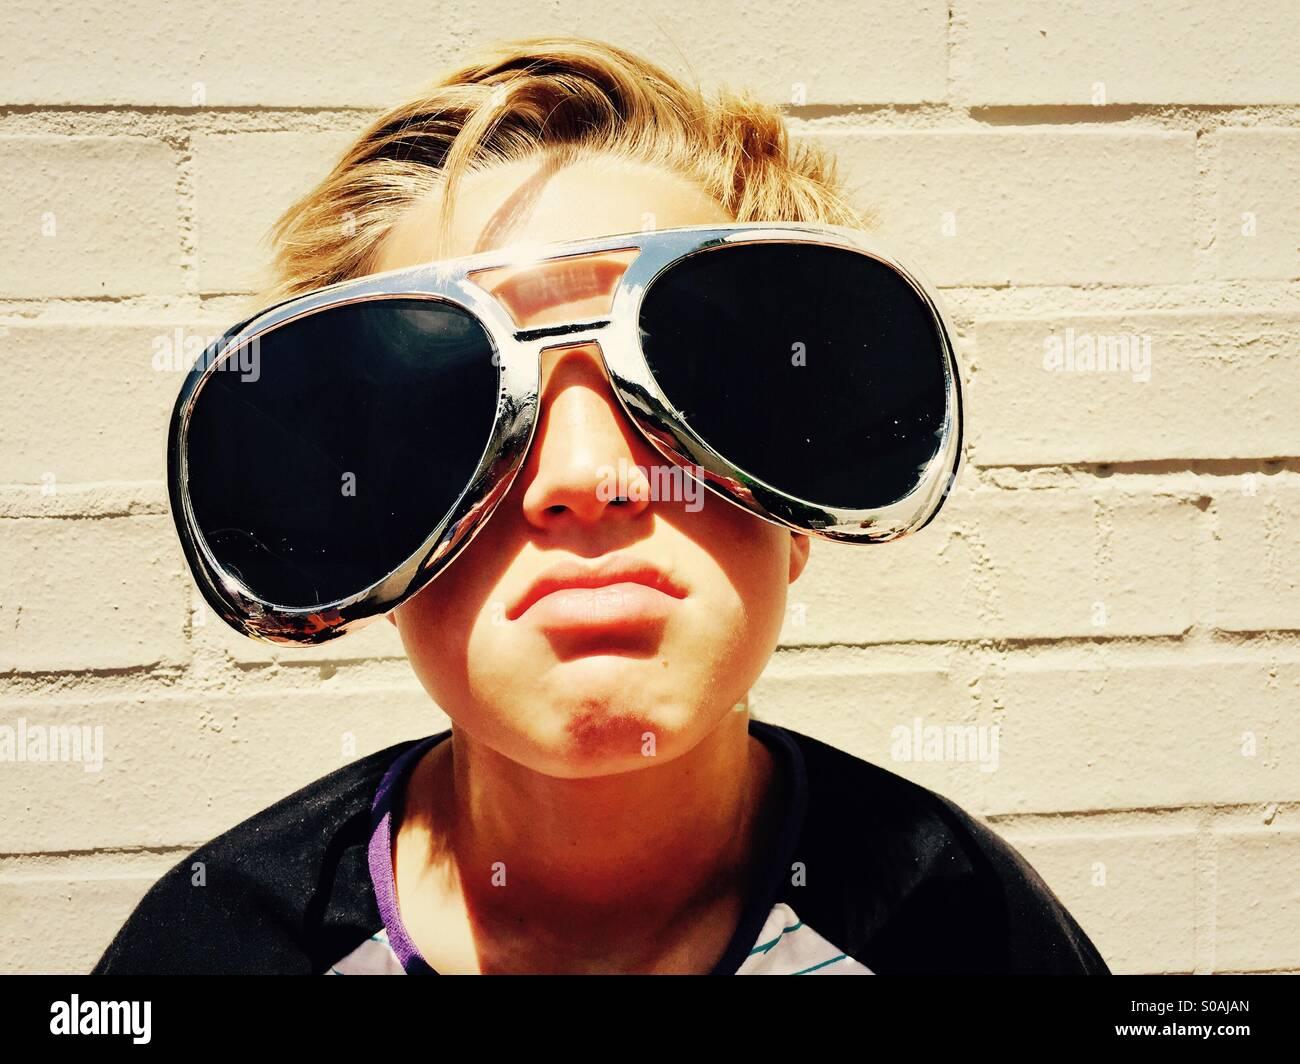 Boy with attitude lors d'une journée ensoleillée Photo Stock